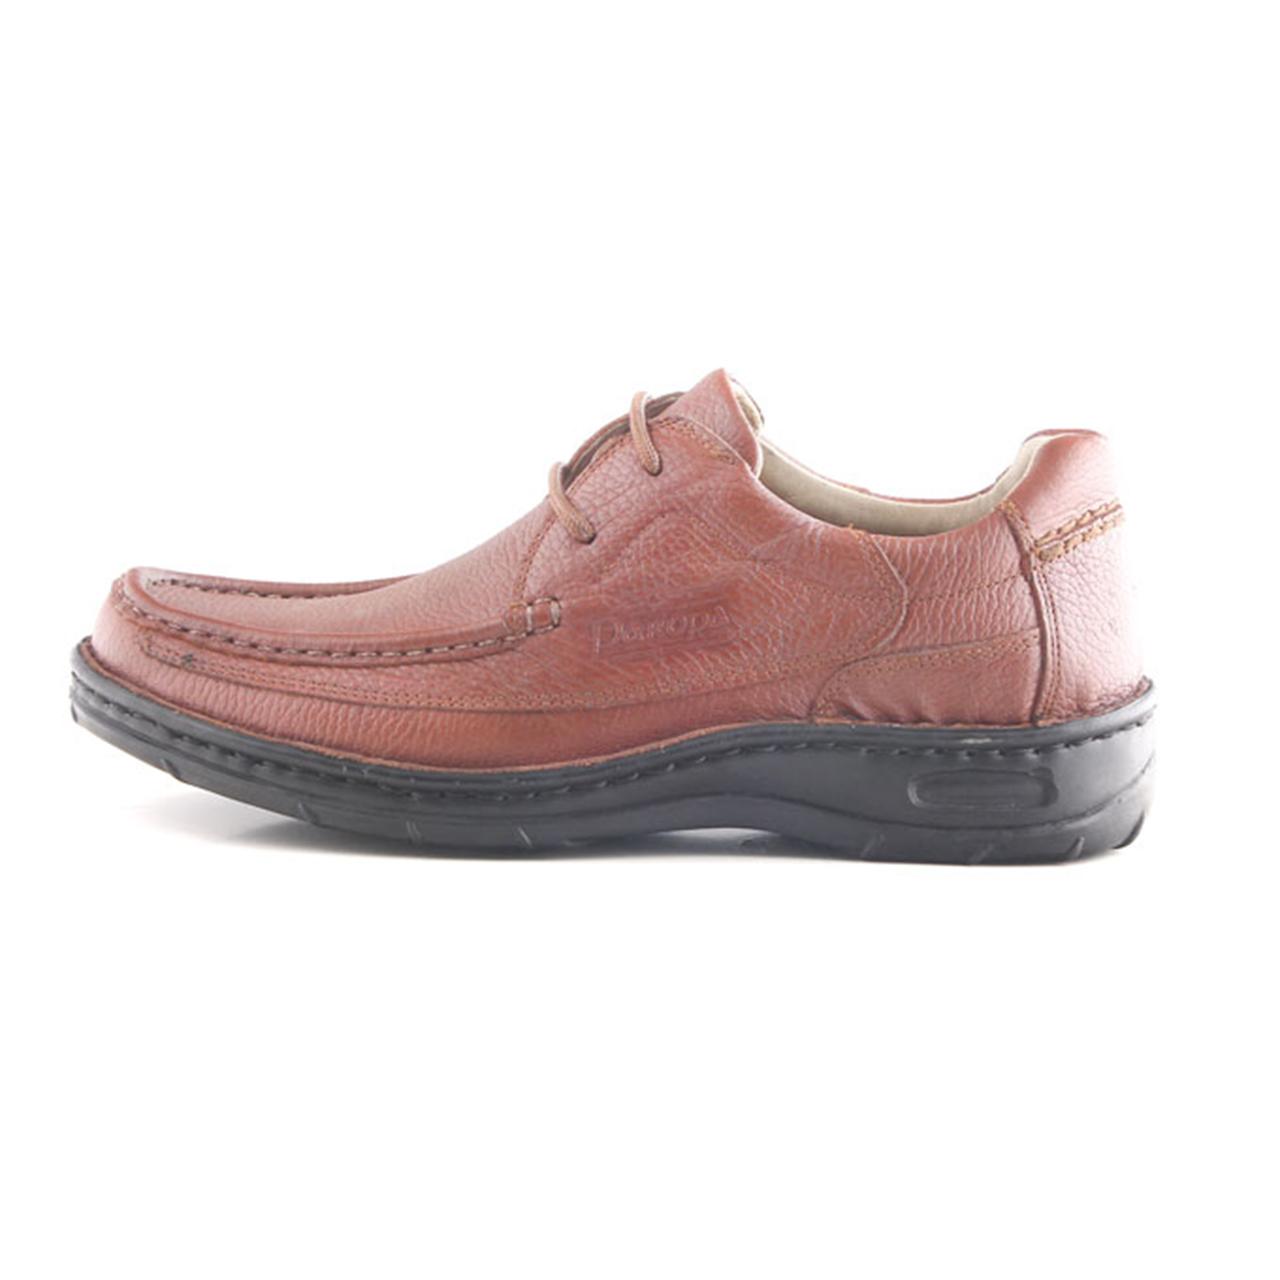 کفش مردانه پاروپا مدل مکس کد40112531253